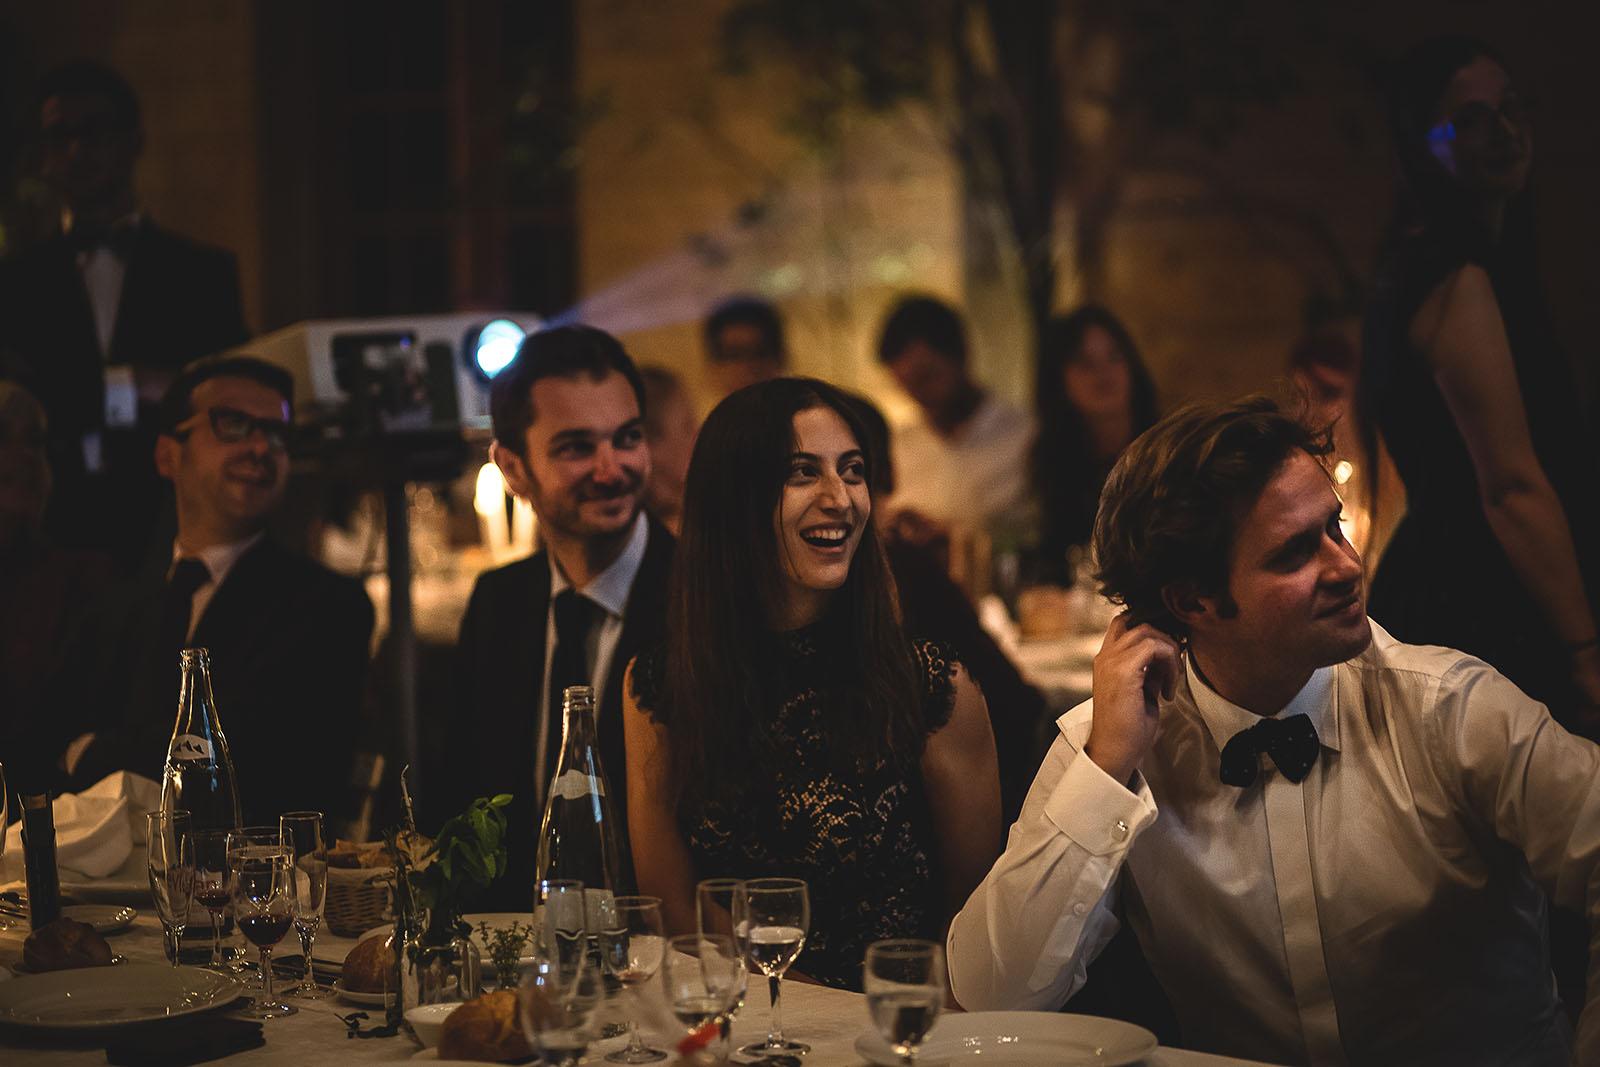 Mariage Manoir des Prévanches. David Pommier photographe de mariage. Les vidéos durant la soirée